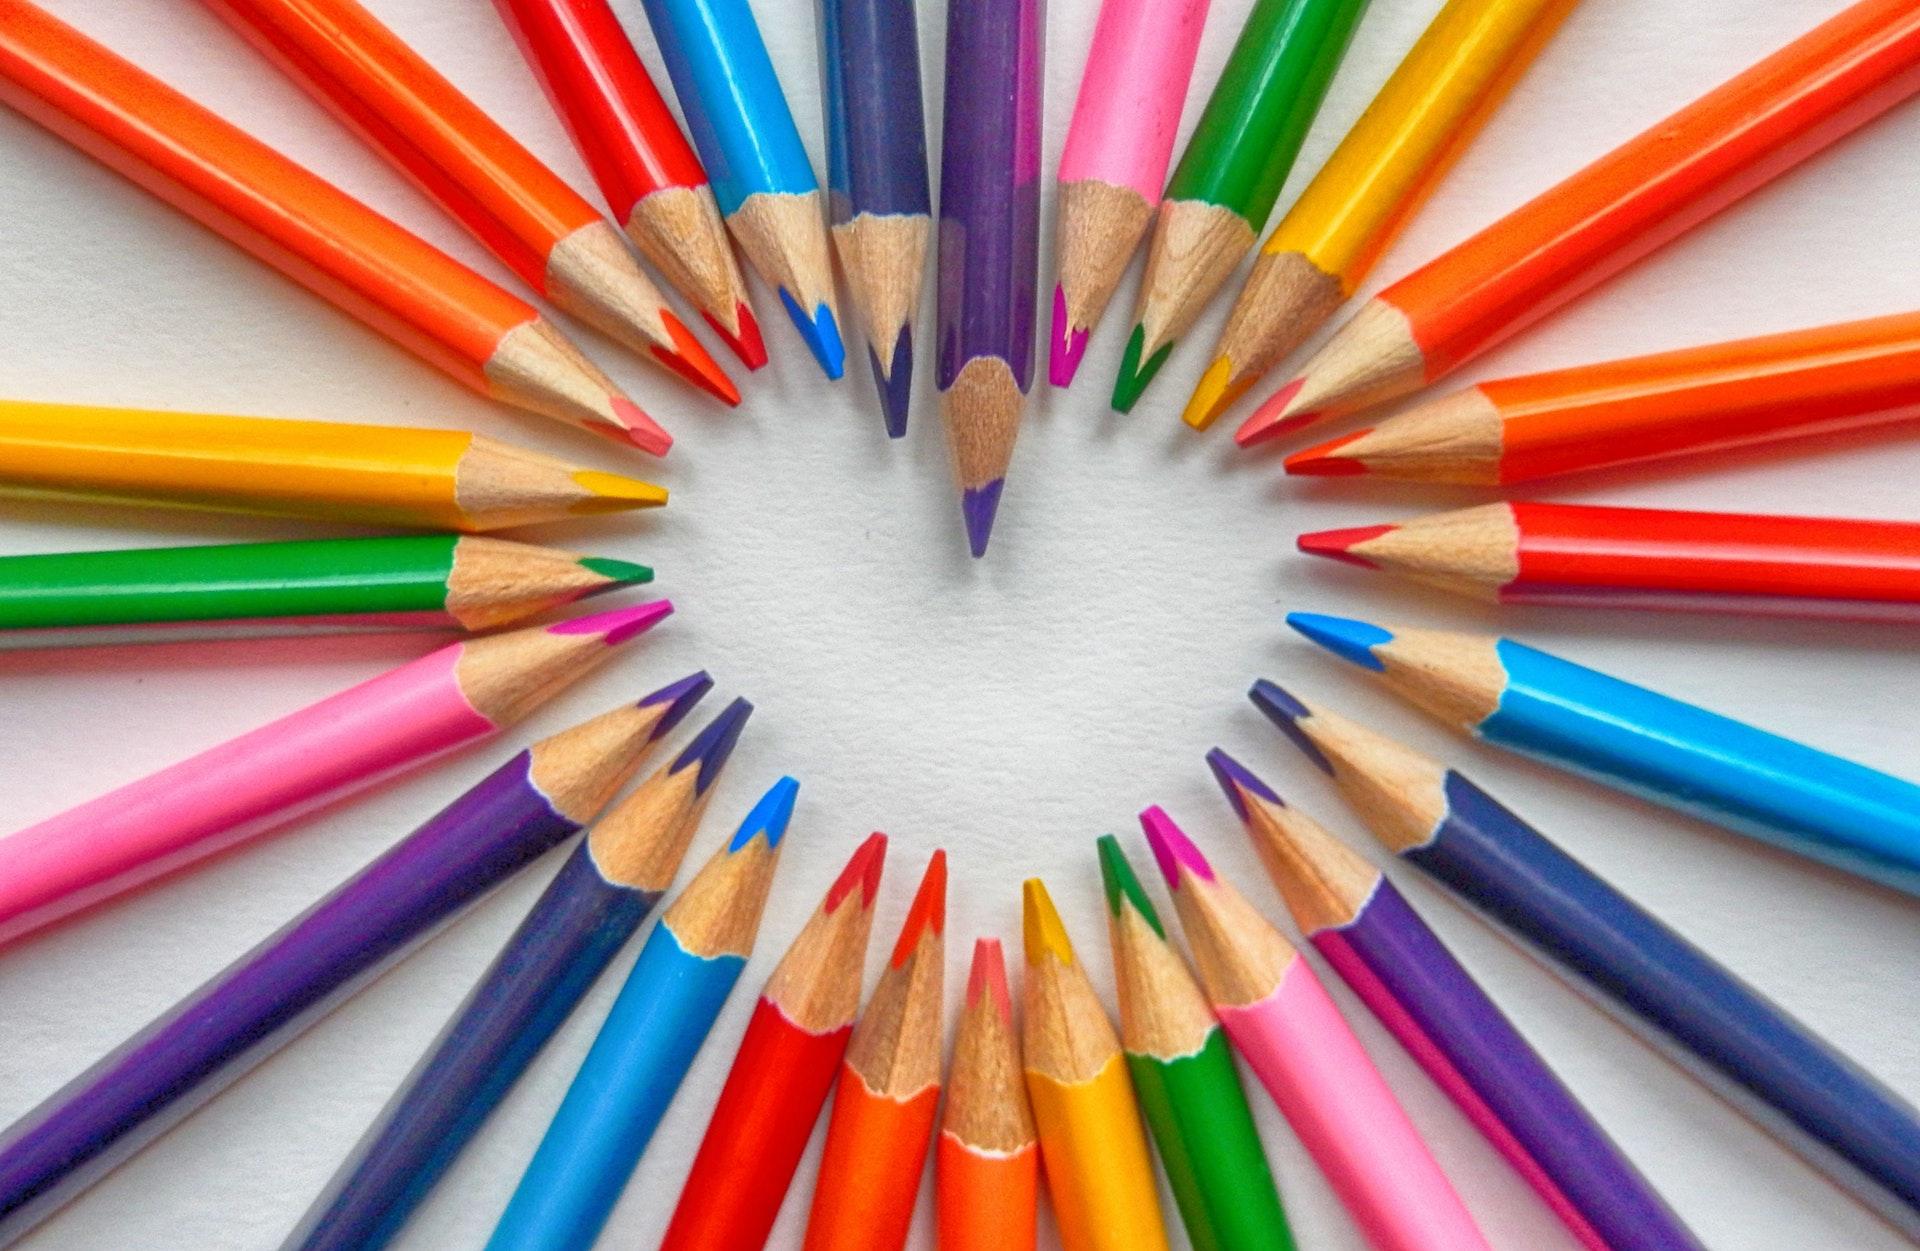 download wallpaper: een hartje van kleurpotloden wallpaper